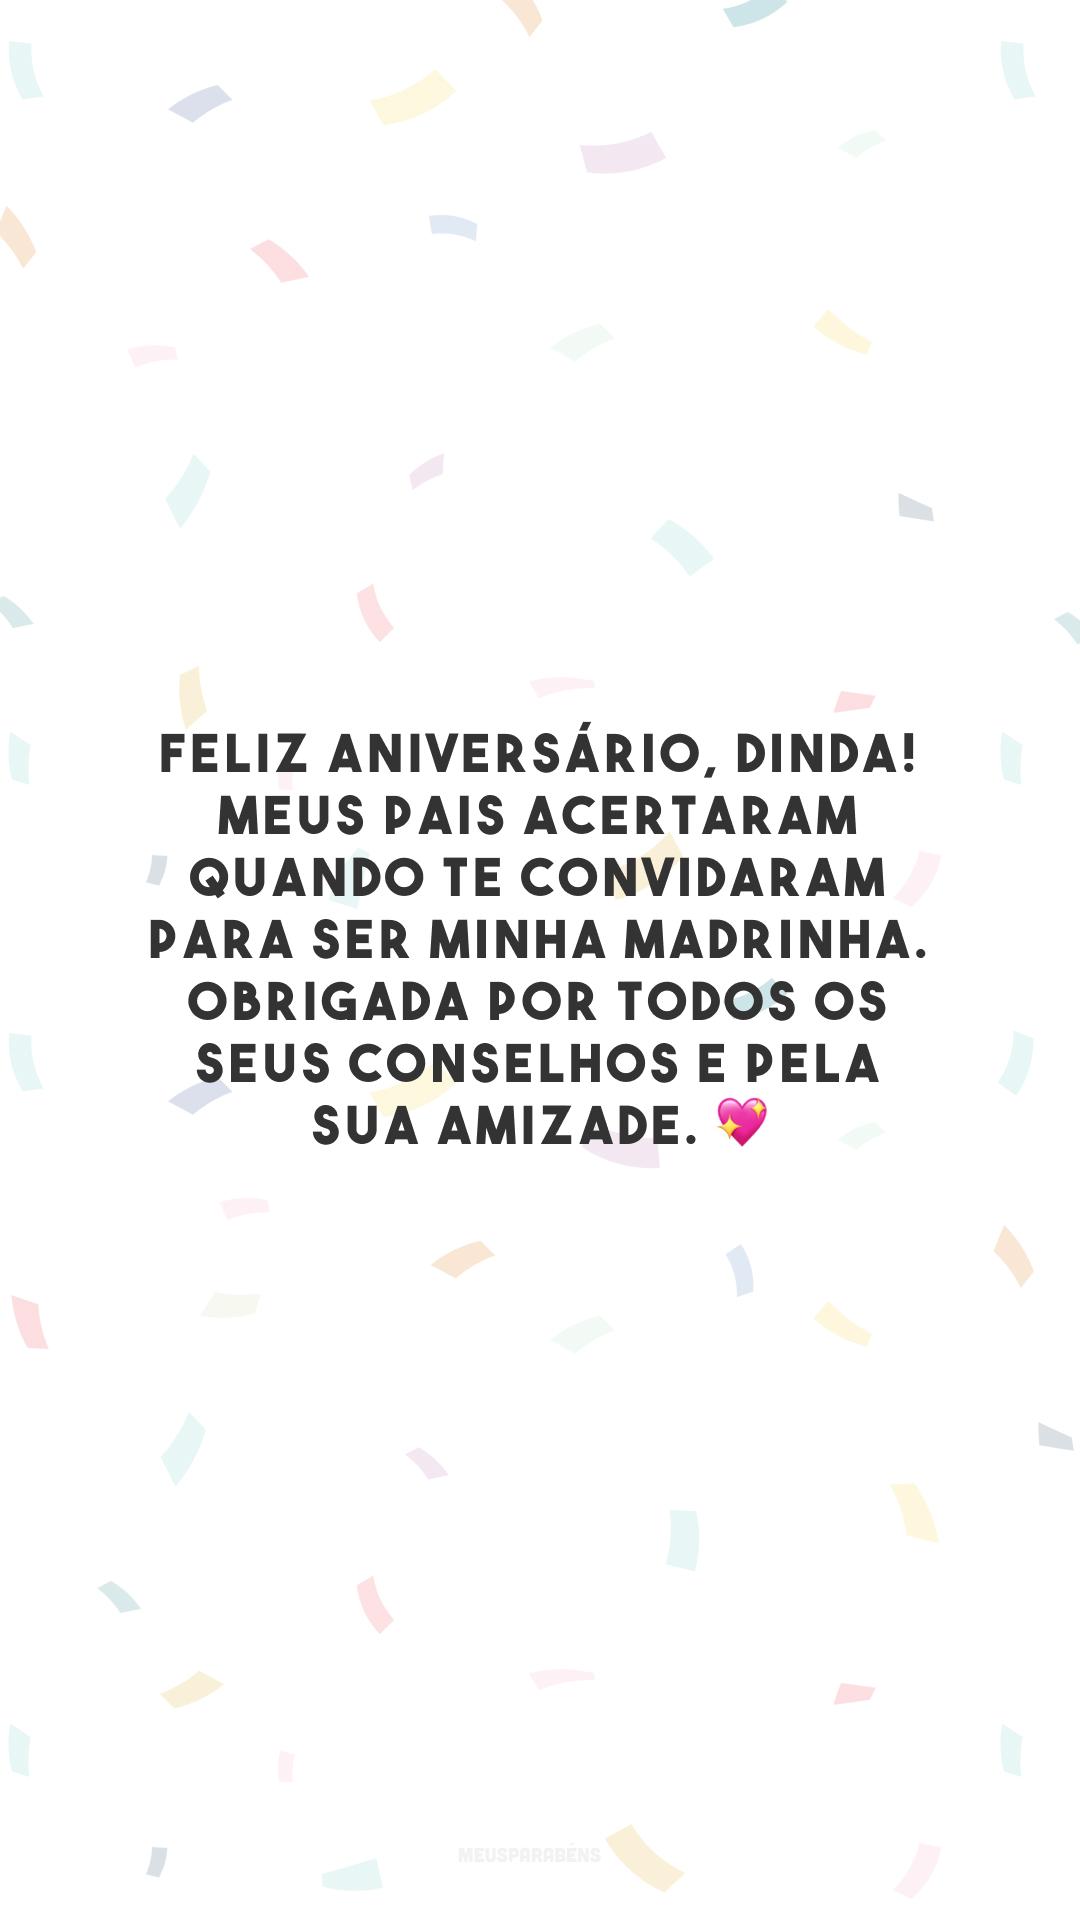 Feliz aniversário, dinda! Meus pais acertaram quando te convidaram para ser minha madrinha. Obrigada por todos os seus conselhos e pela sua amizade. 💖